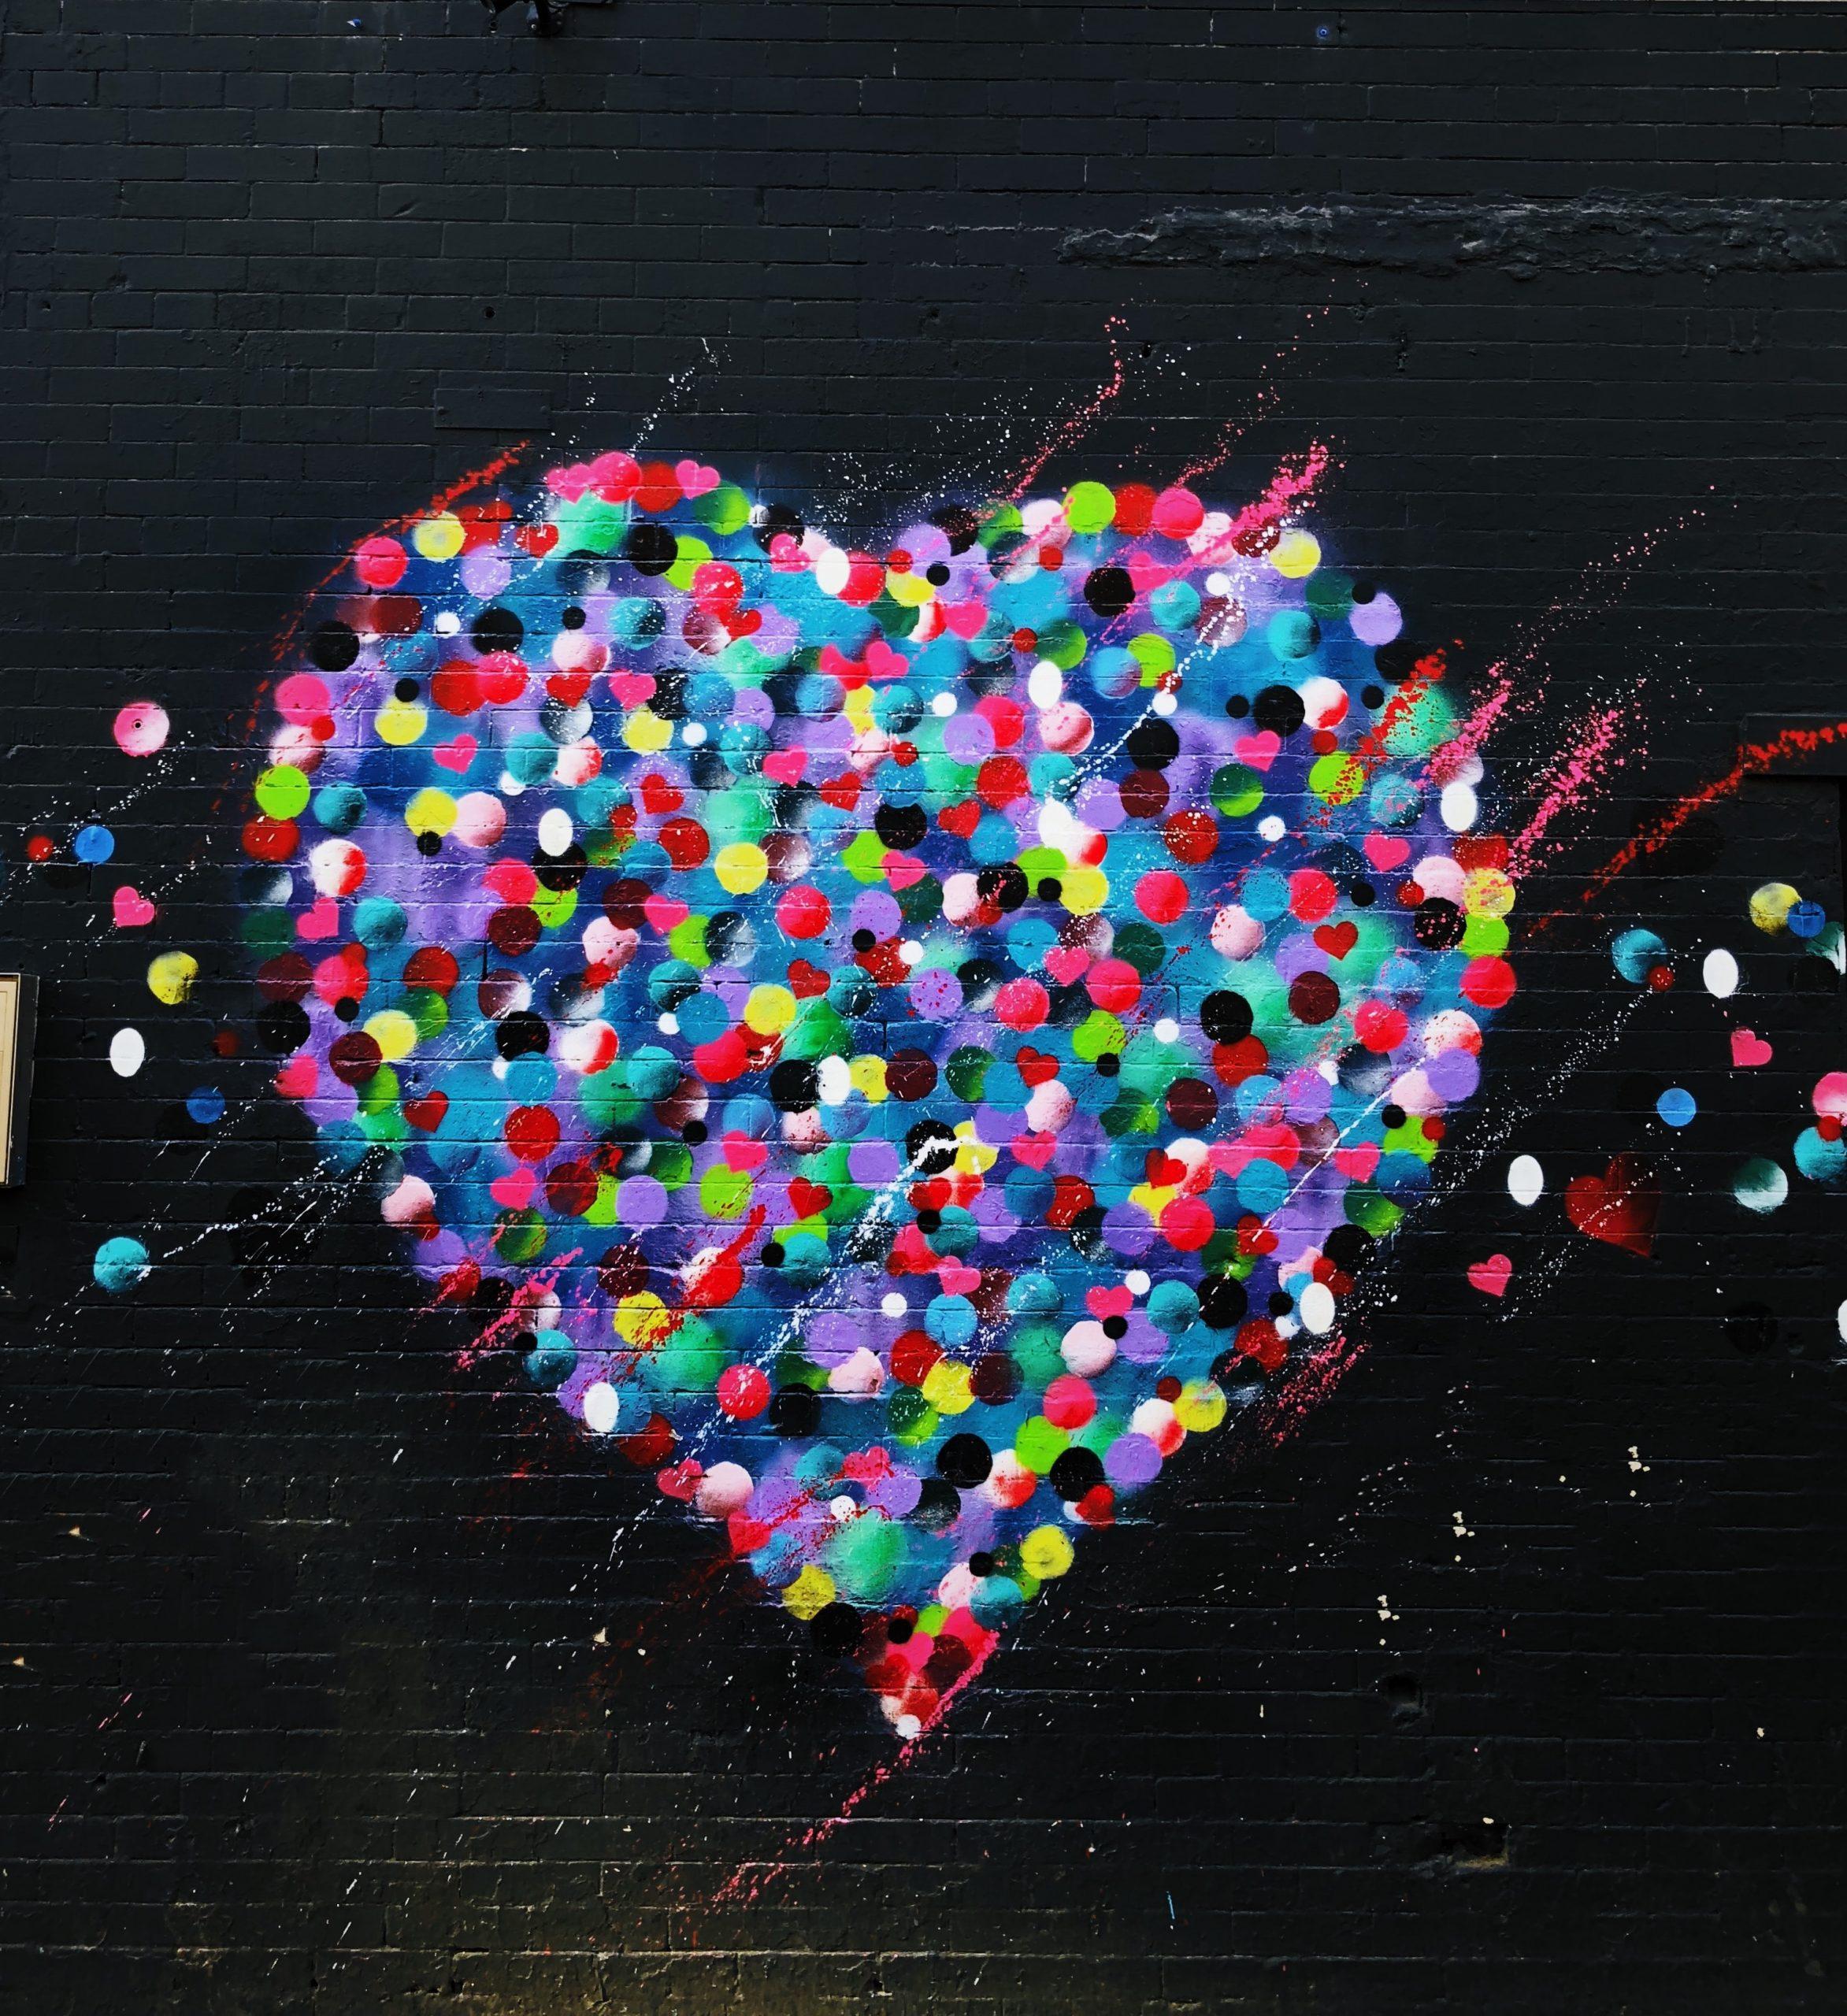 wallpaper Heart grafiti art